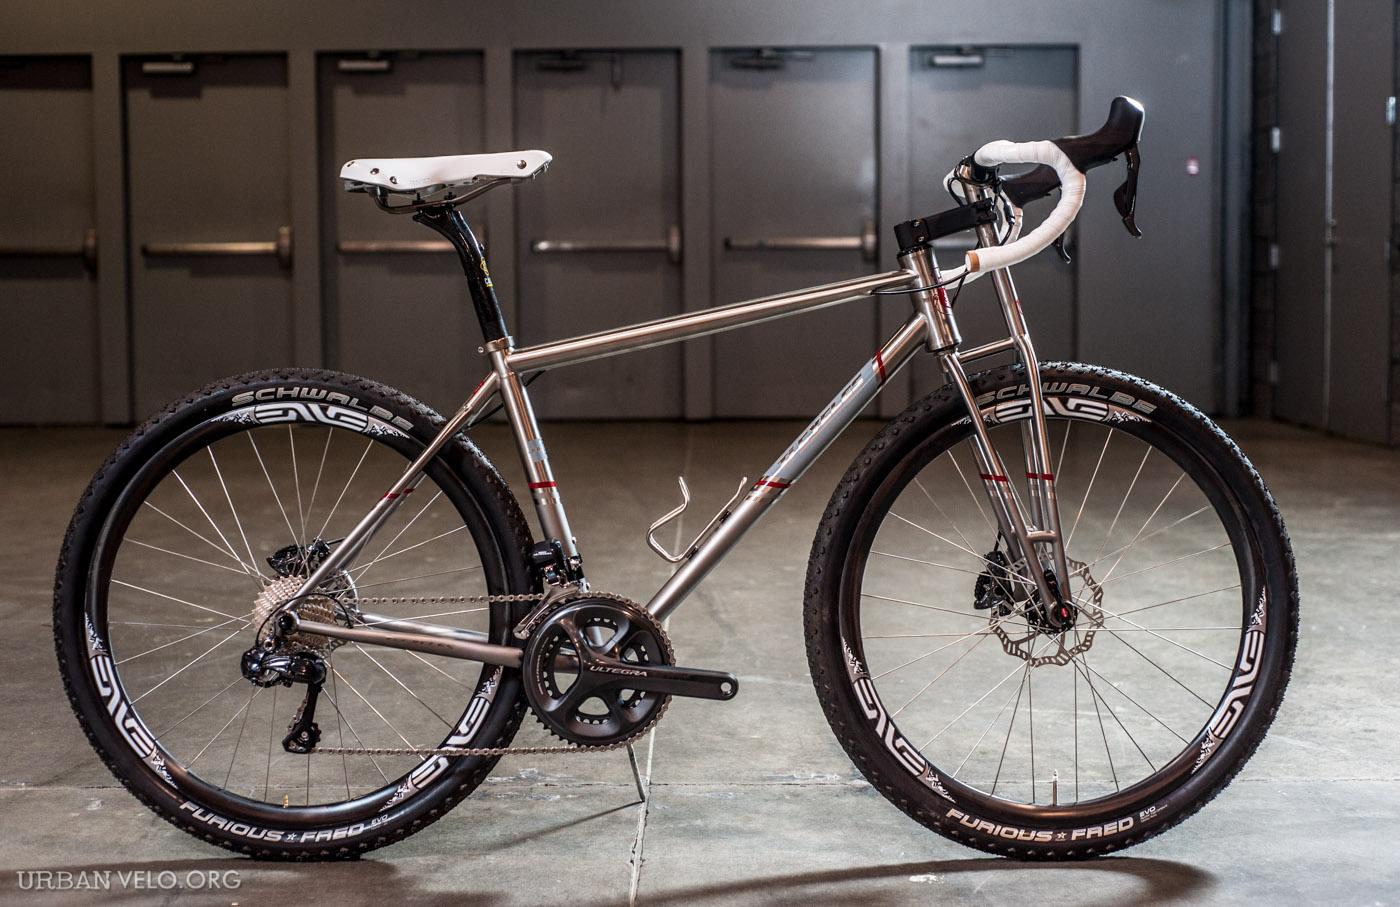 J'ai acheté un gravel bike : je vous en parle dans mon article